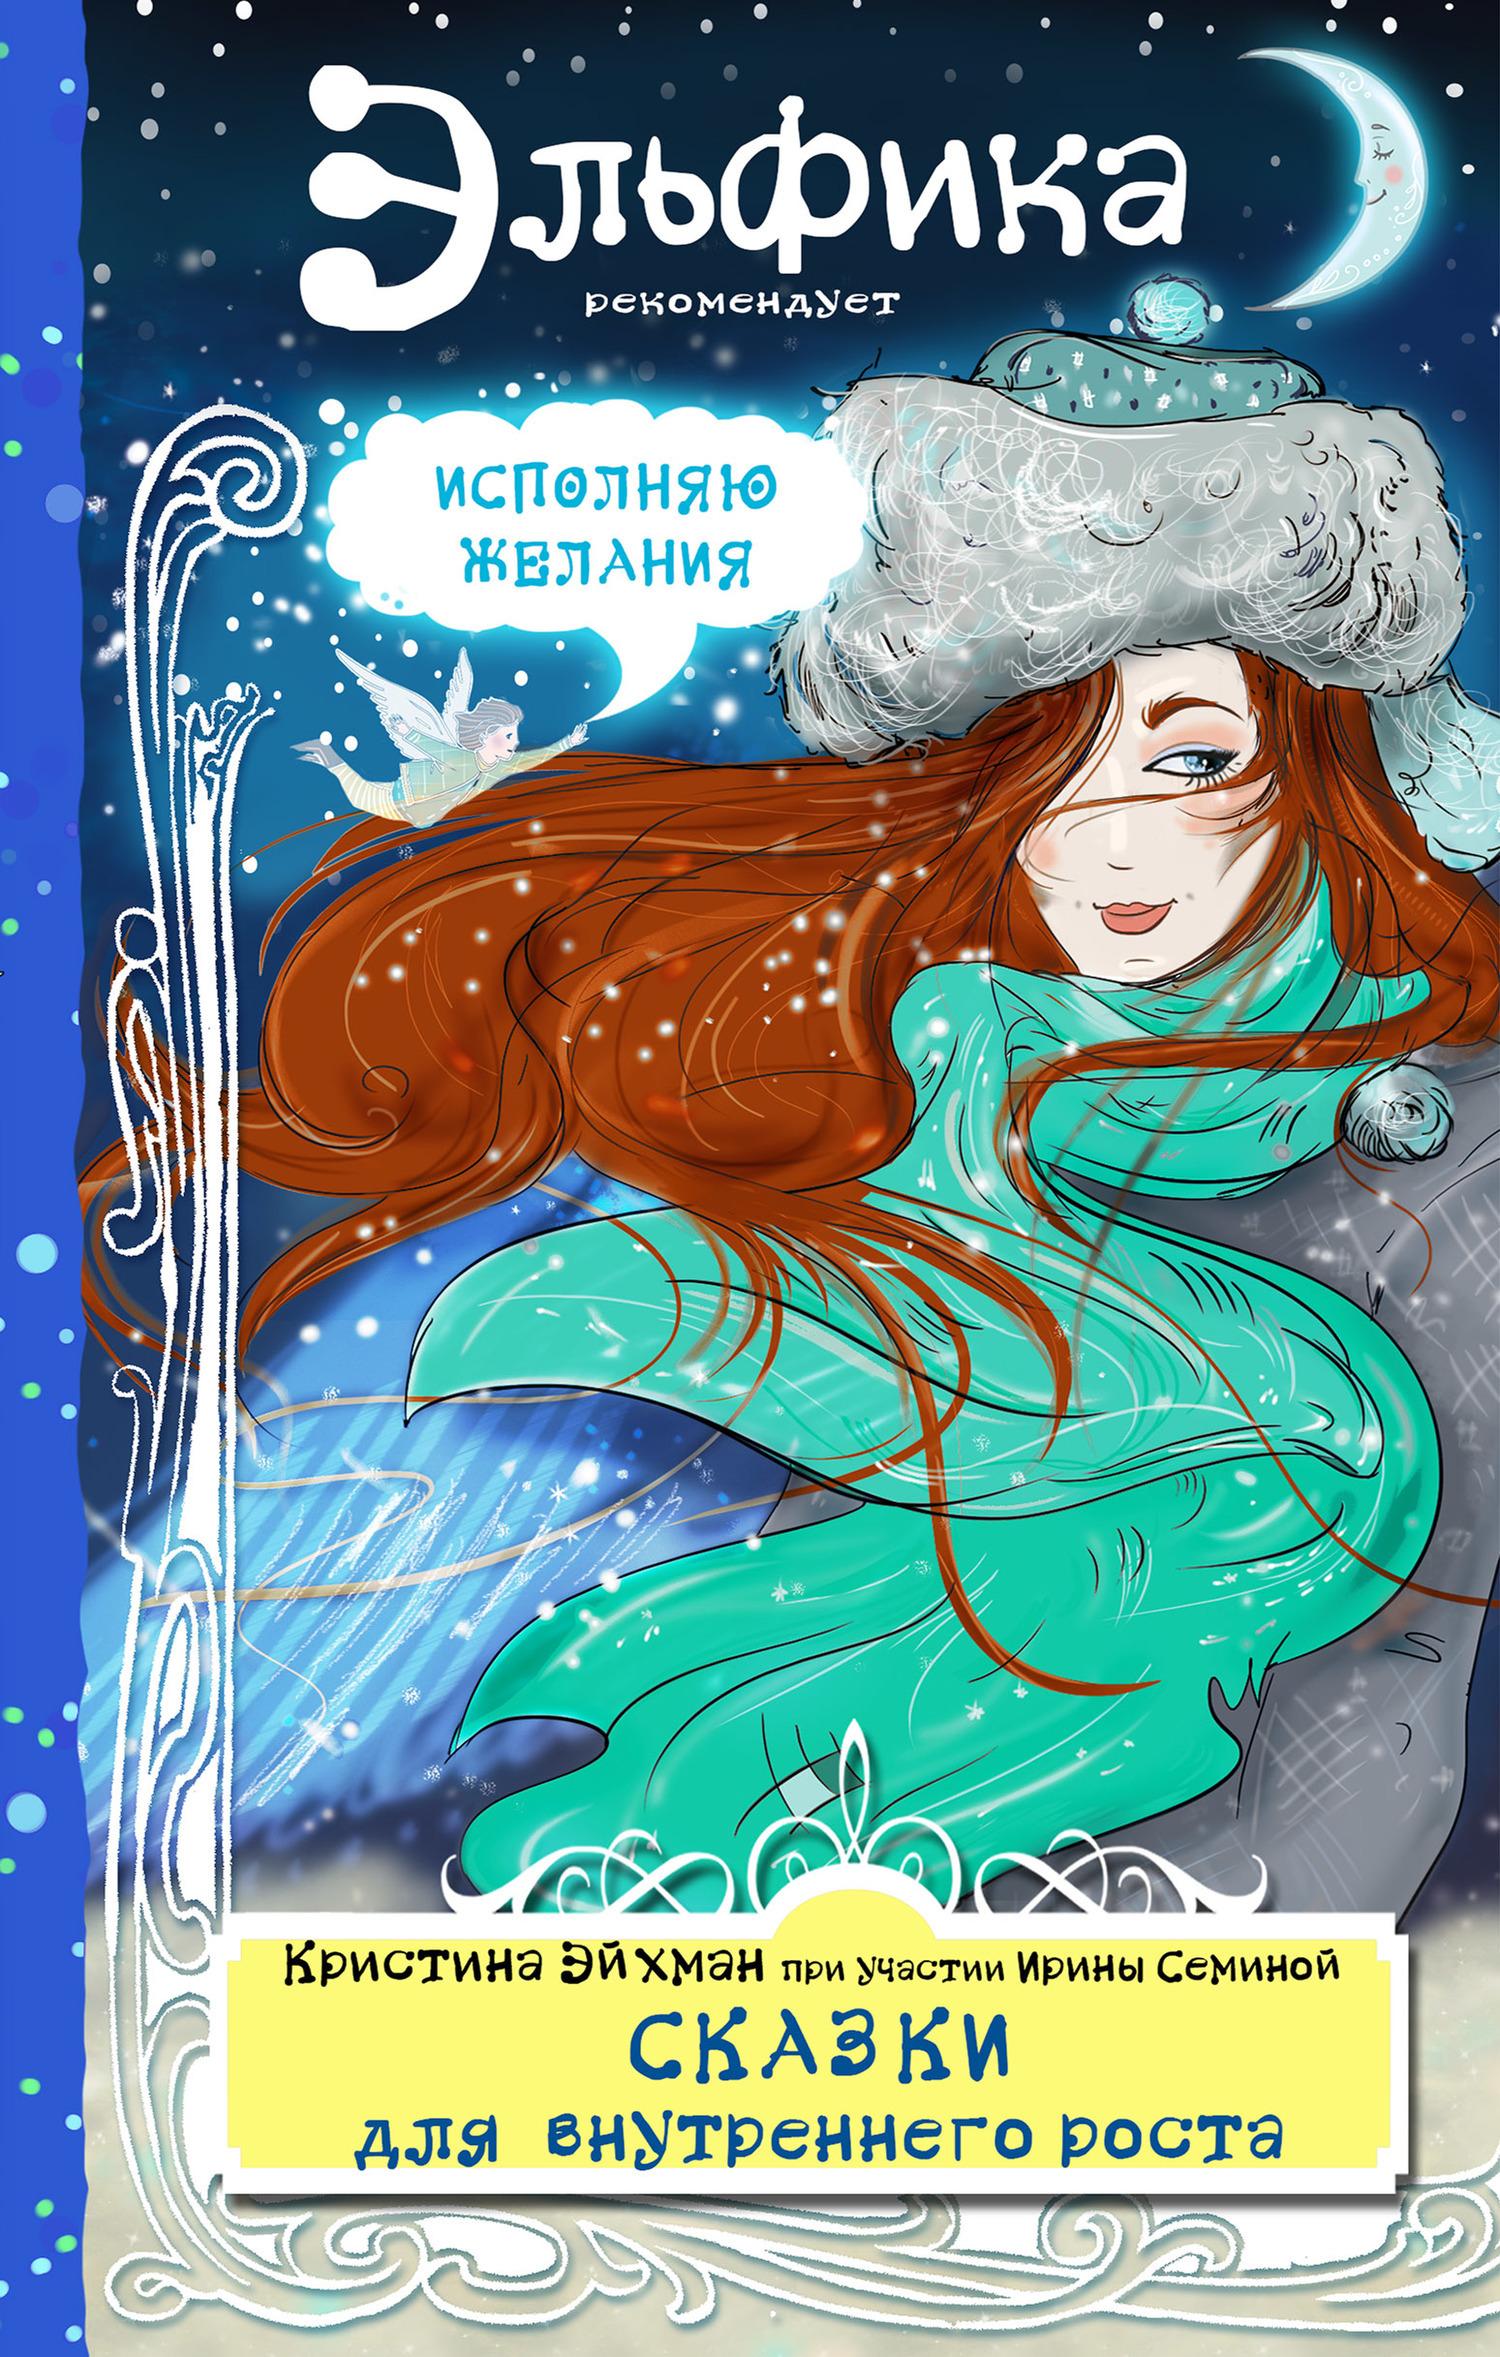 Ирина Семина. Сказки для внутреннего роста